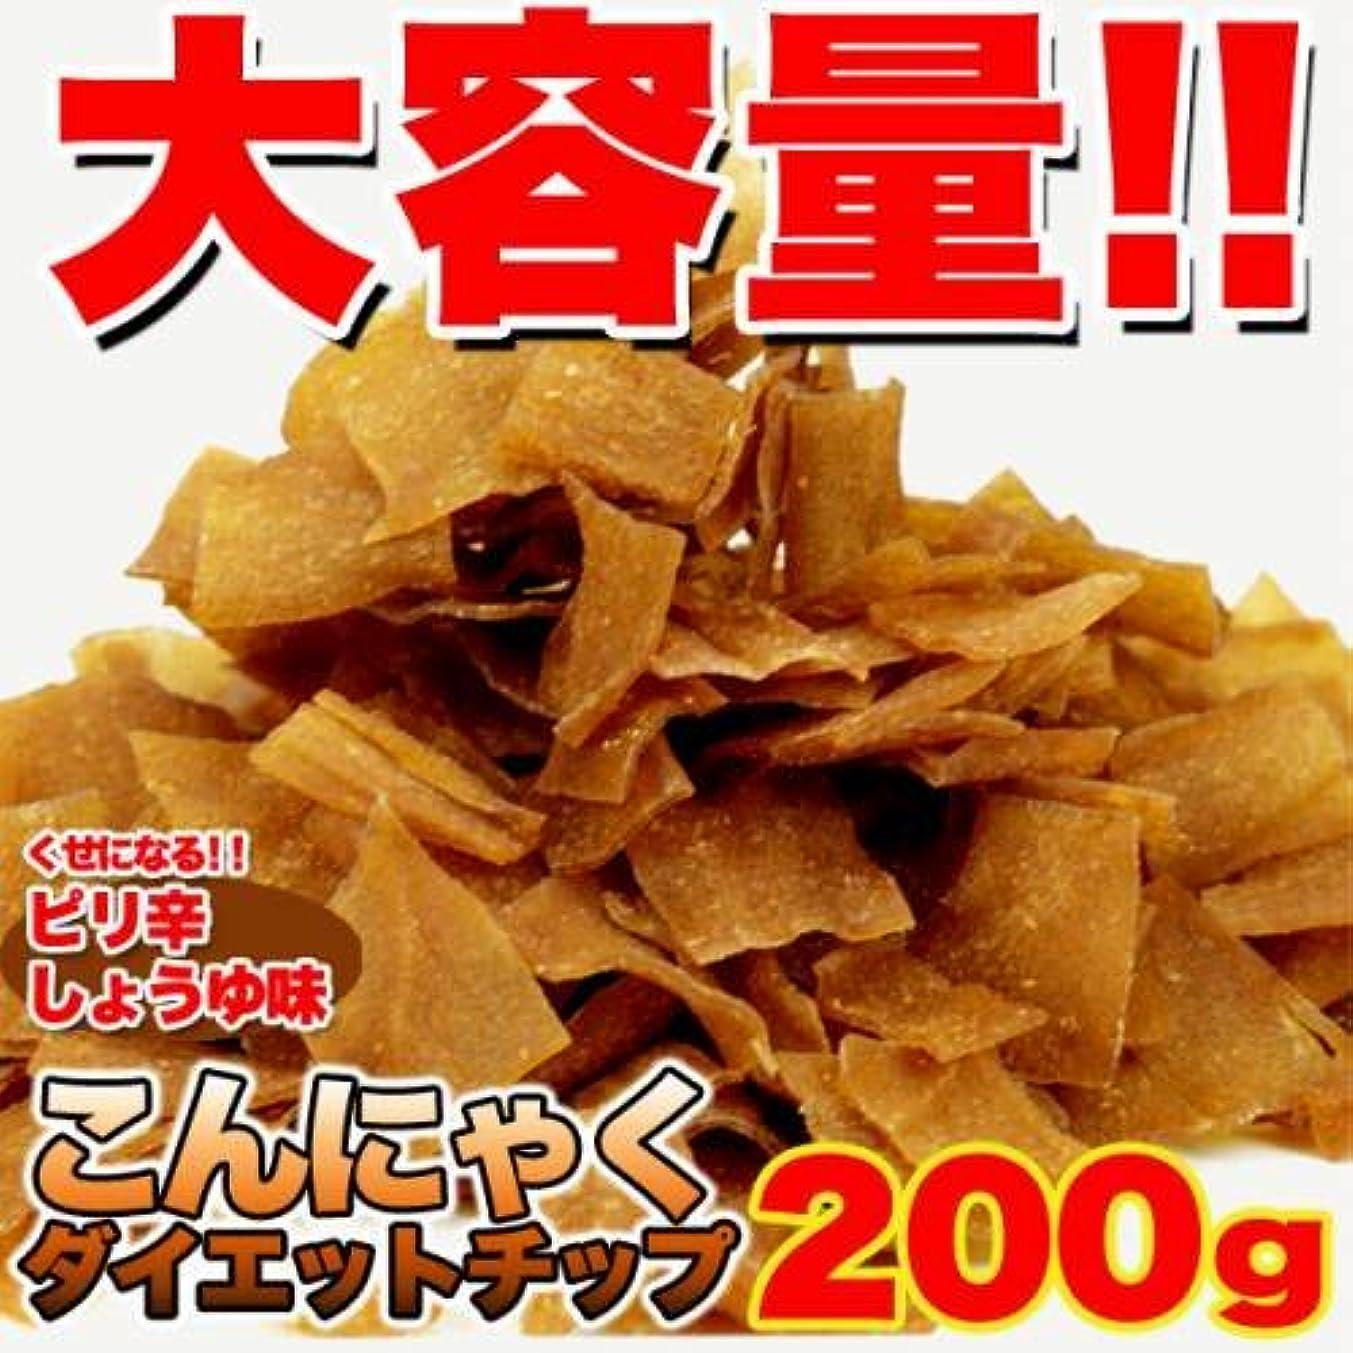 ビーズ精神触覚お徳用 ダイエットこんにゃくチップ 200g